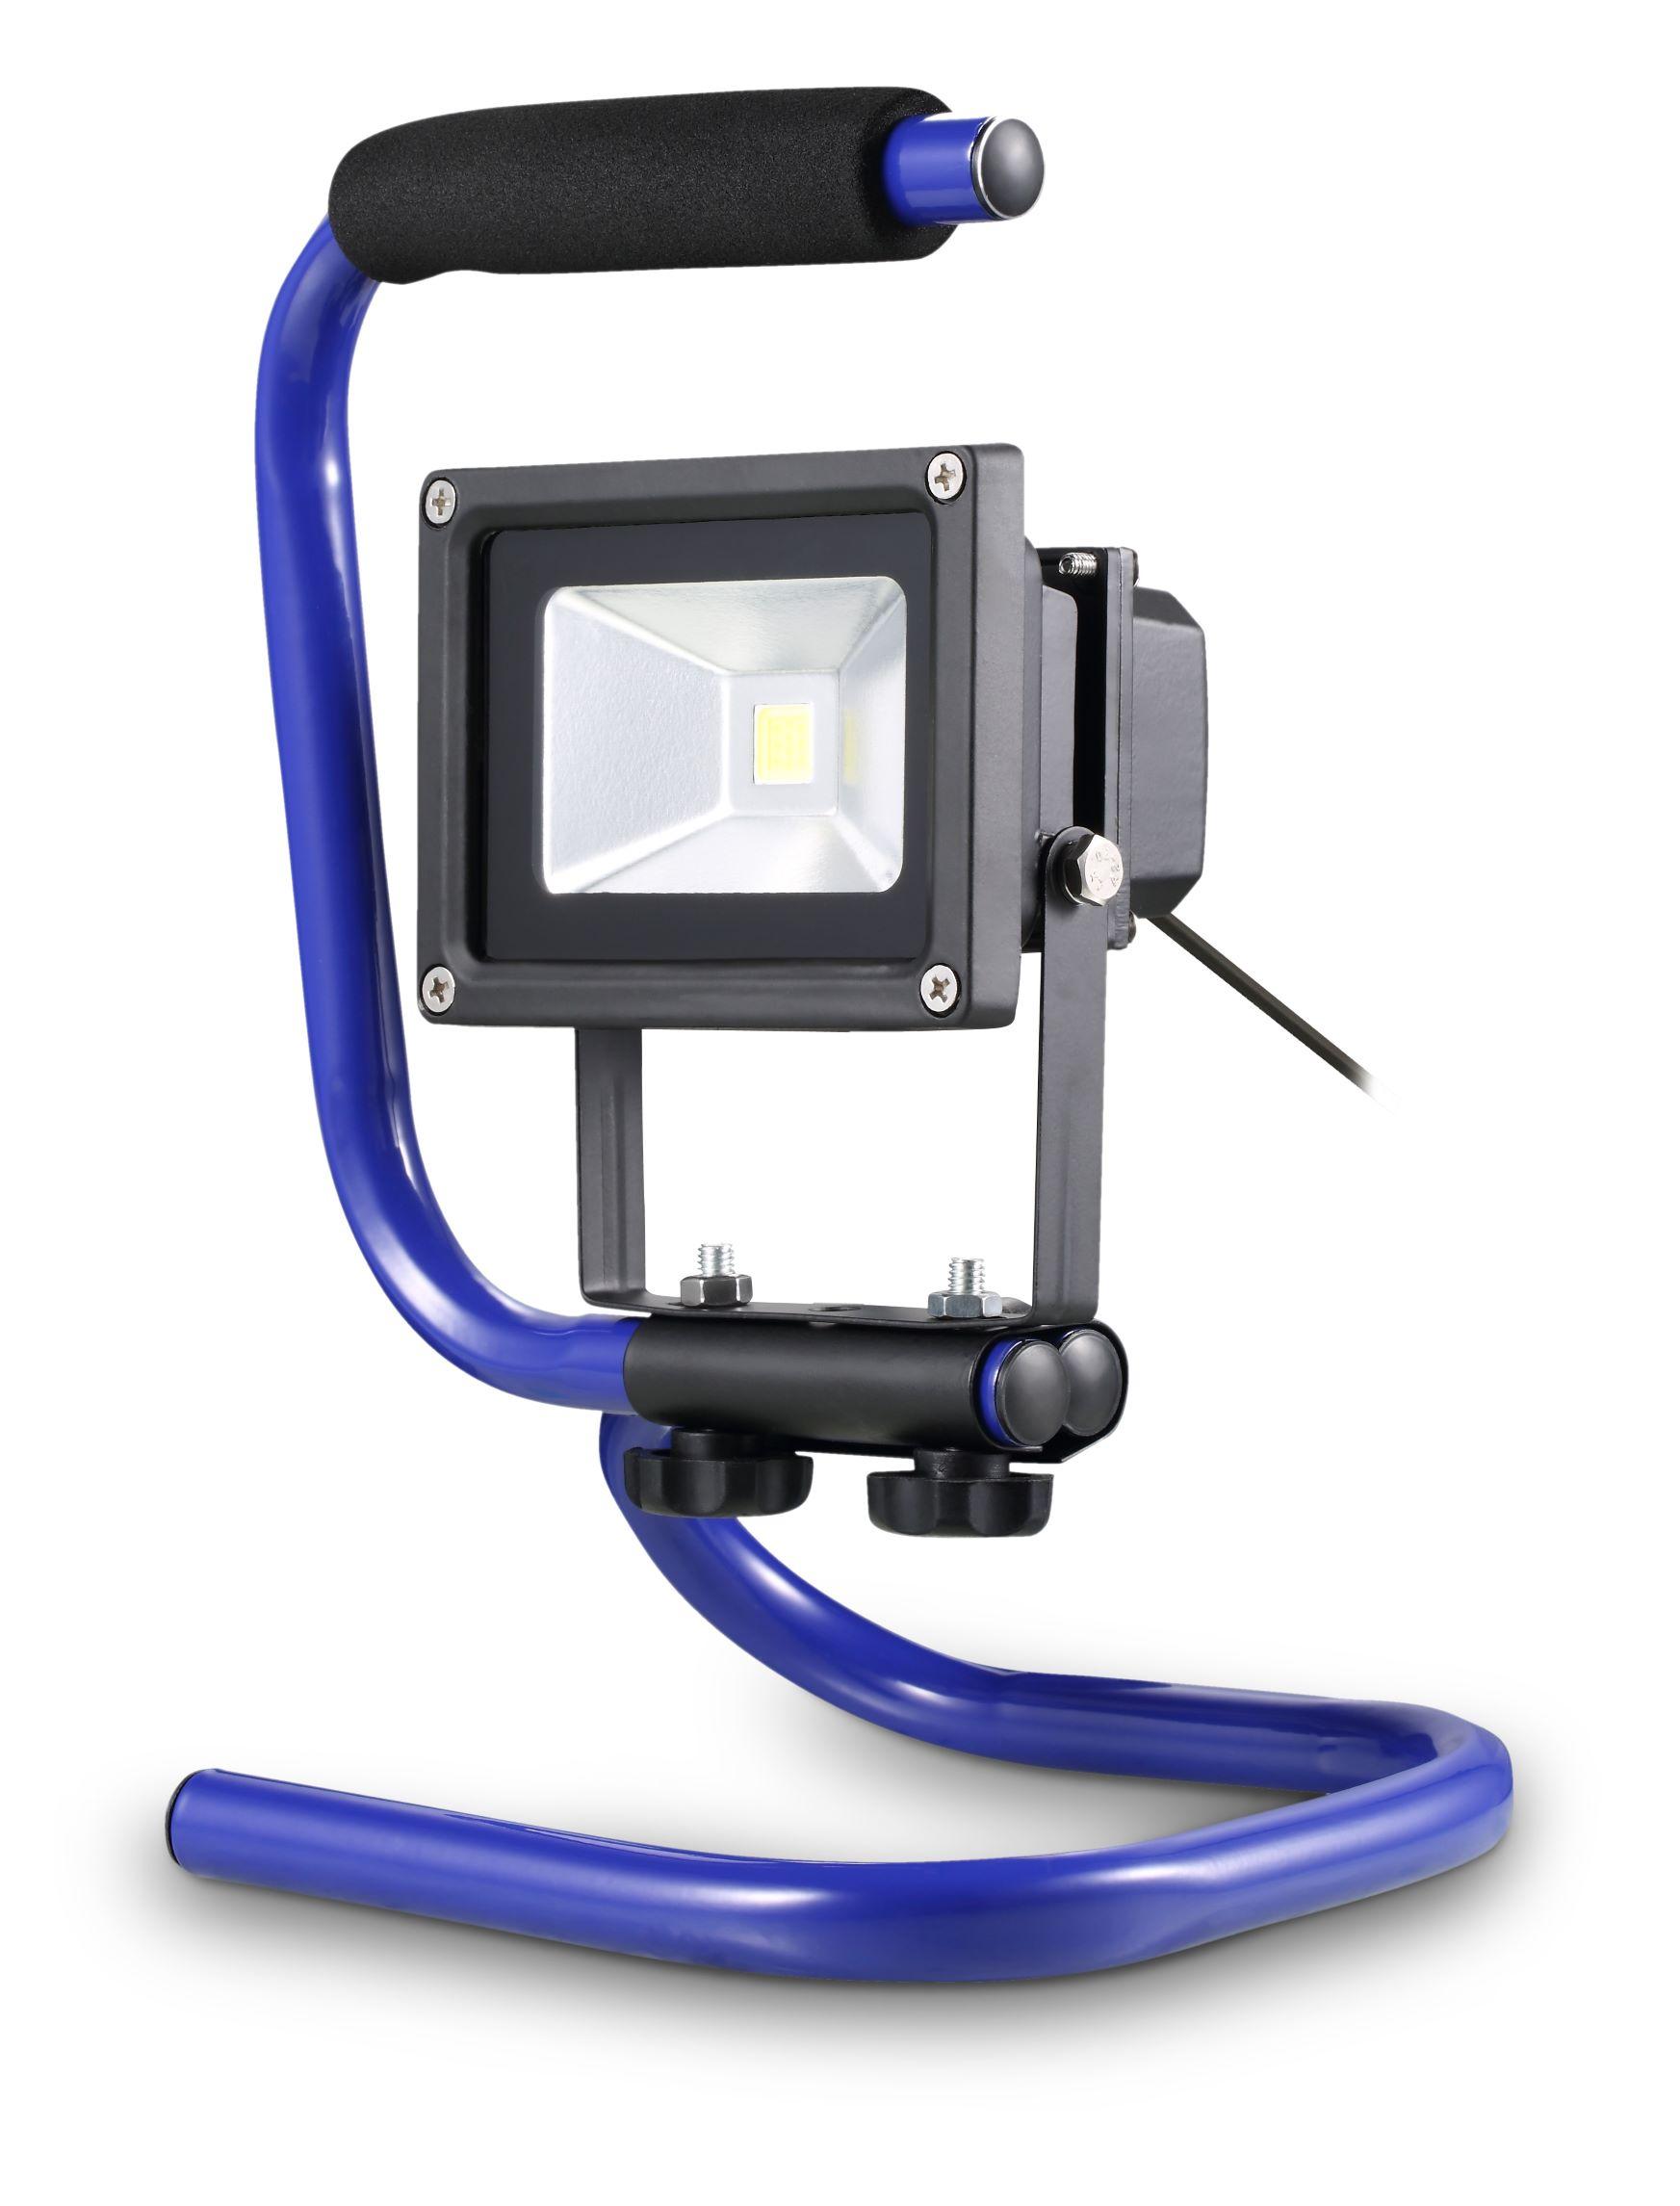 NORDRIDE 4070 COB LED Baustrahler 10W